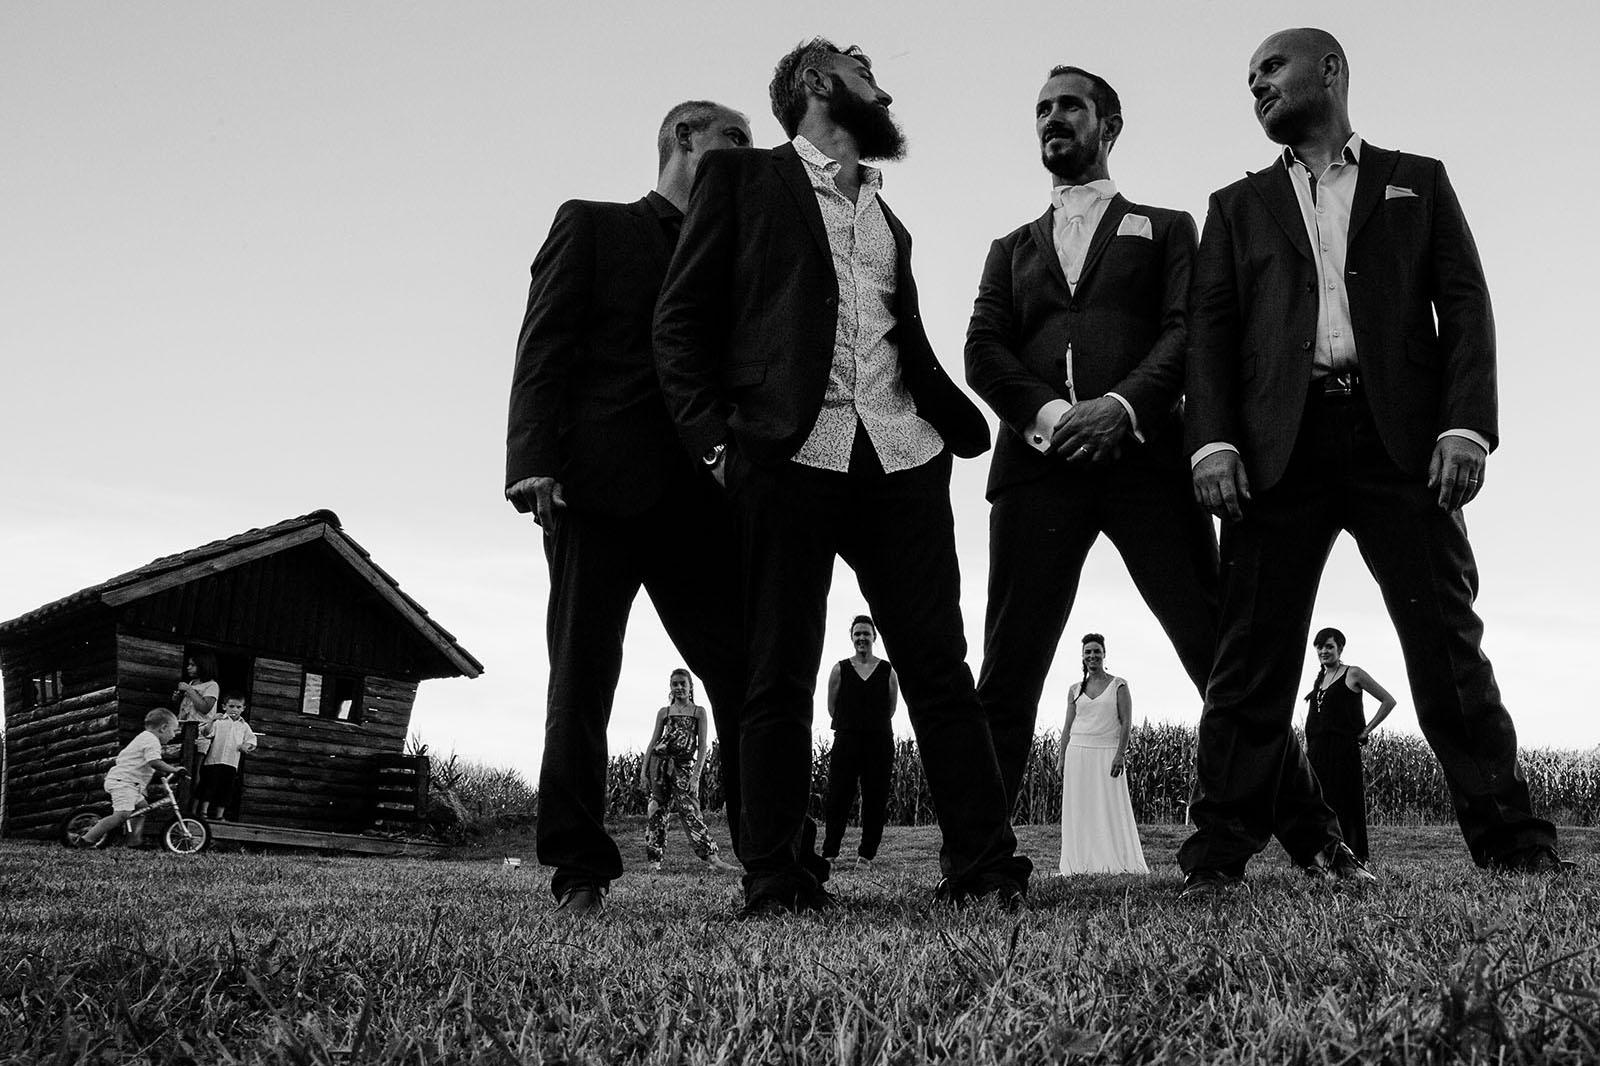 photographe de mariage saint etienne photo de groupe mariage créative